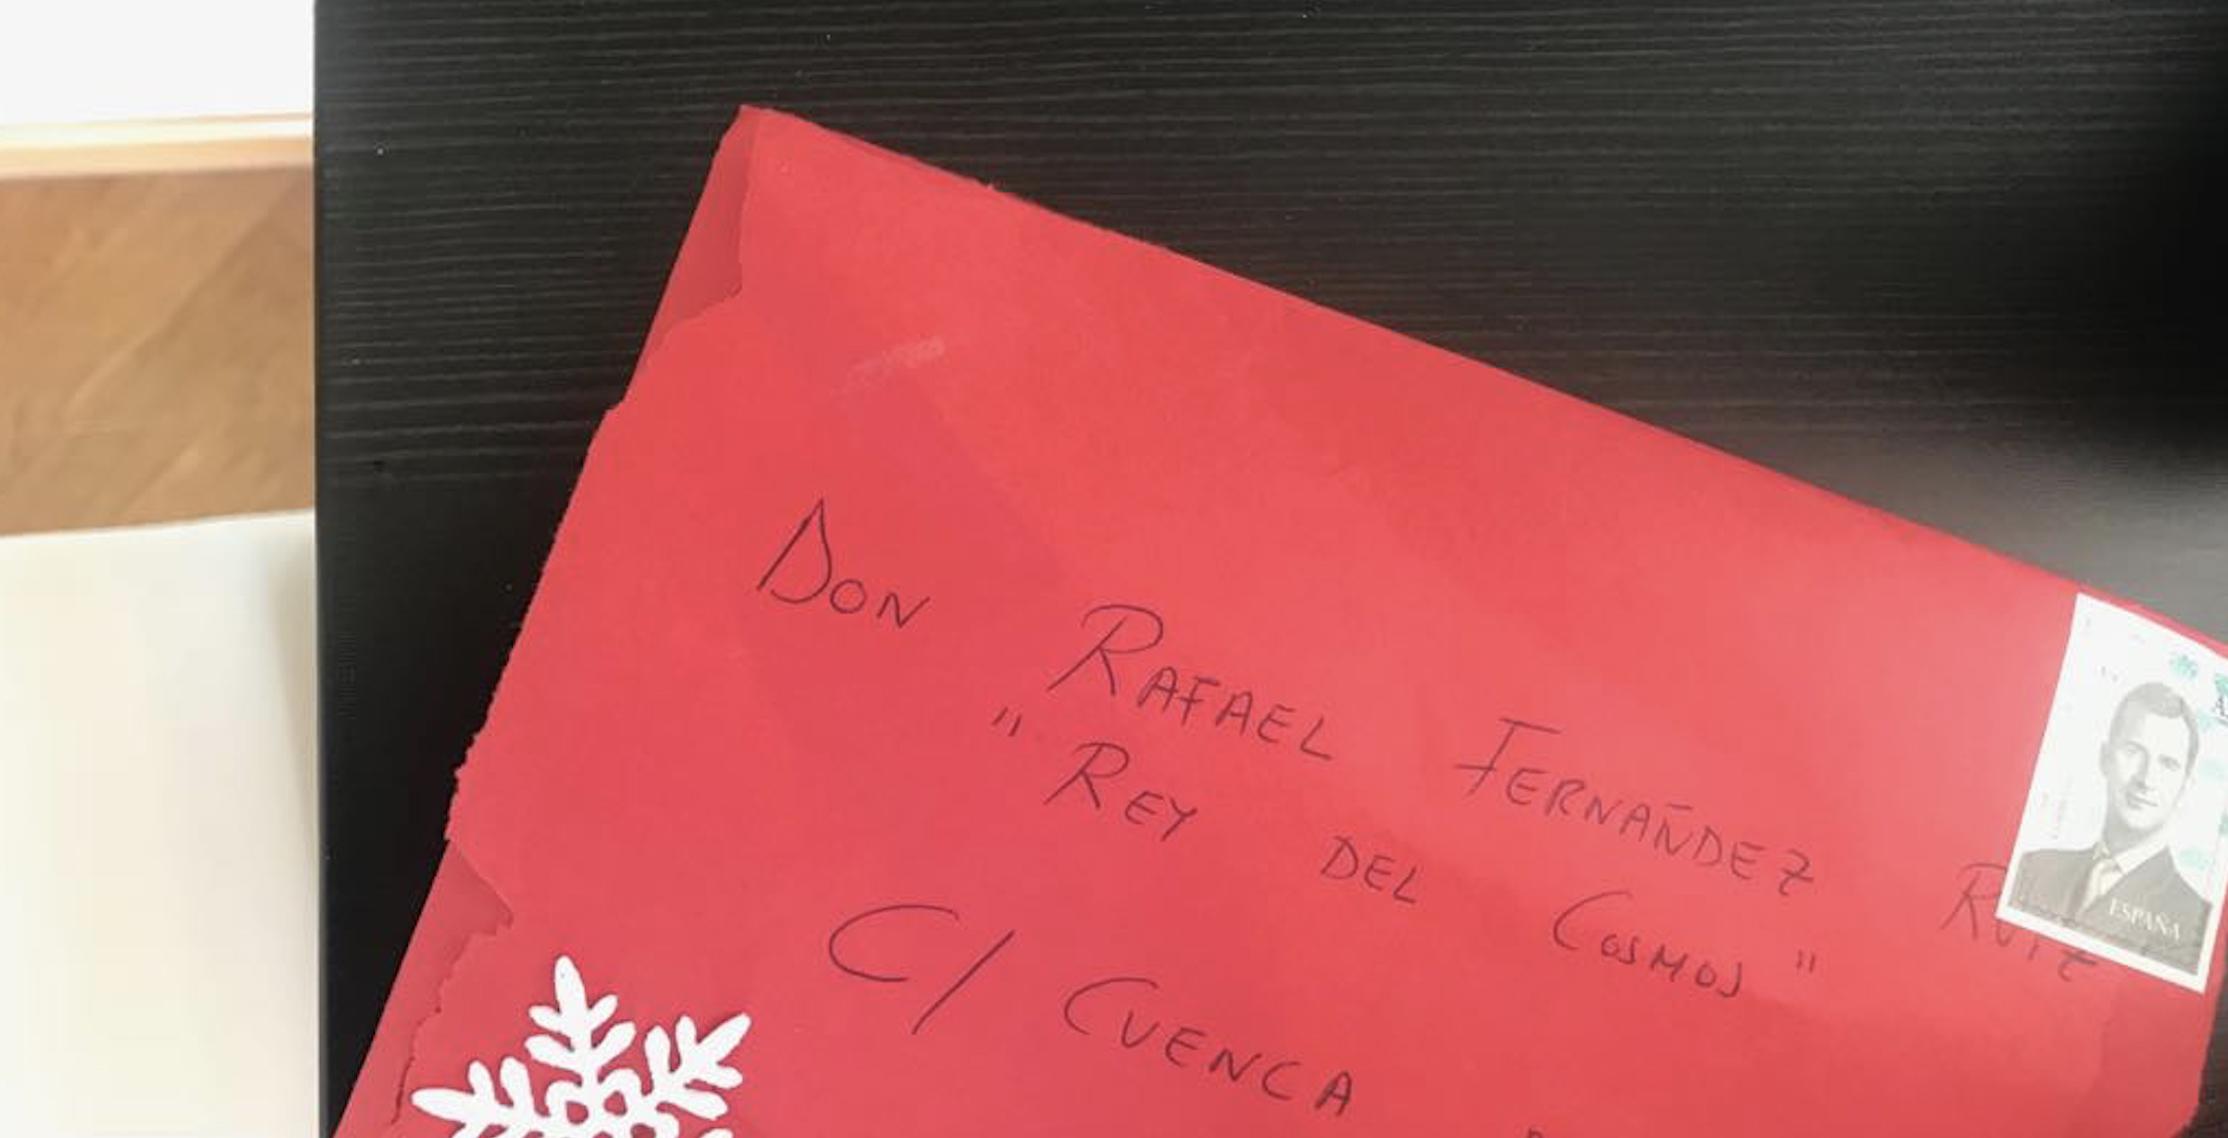 También recibo correspondencia con mi nuevo nombre.